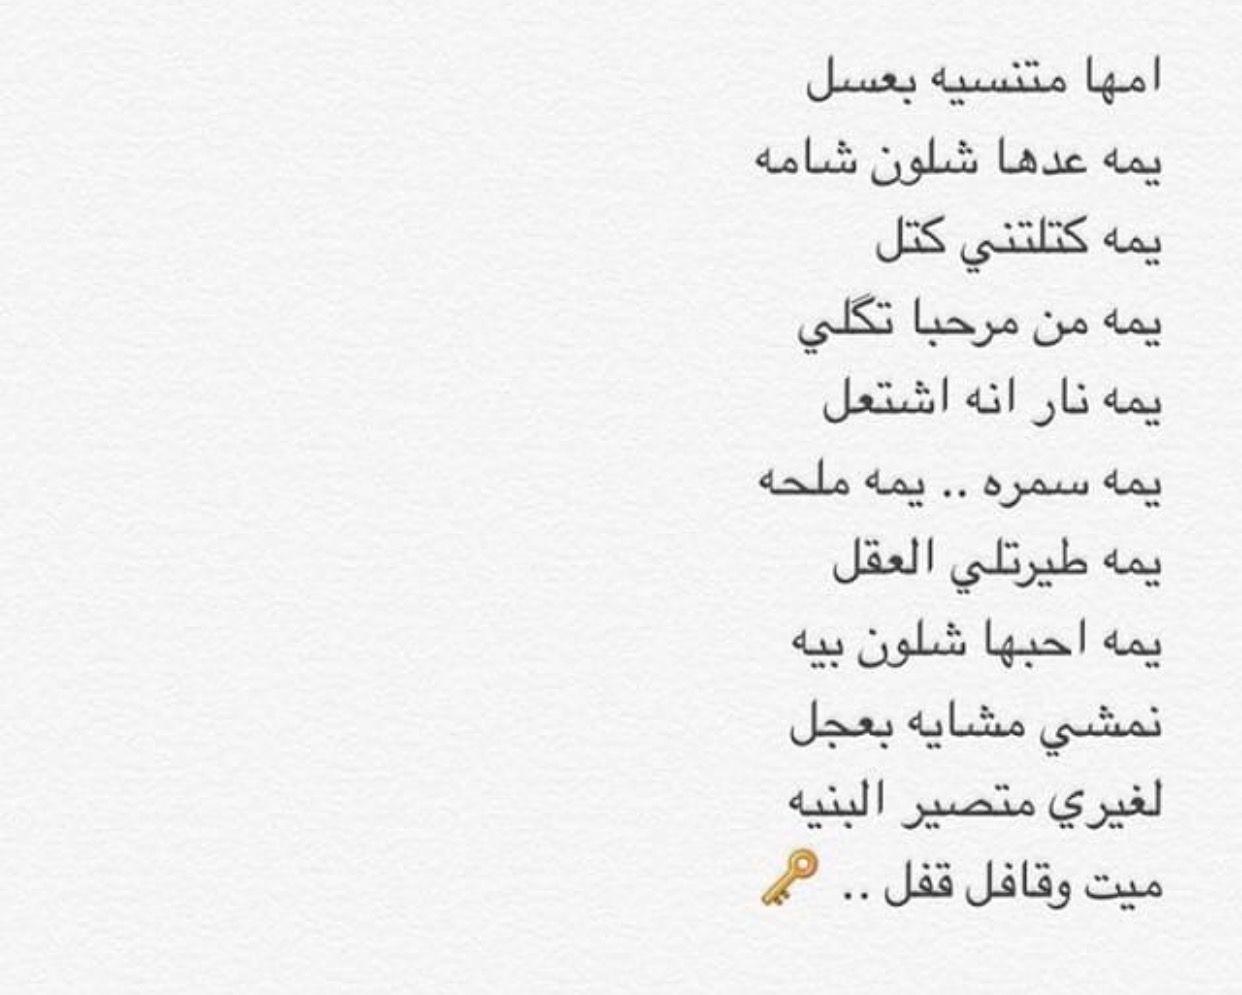 بالصور شعر حب وشوق , اجمل القصائد الشعرية في الحب 3281 6